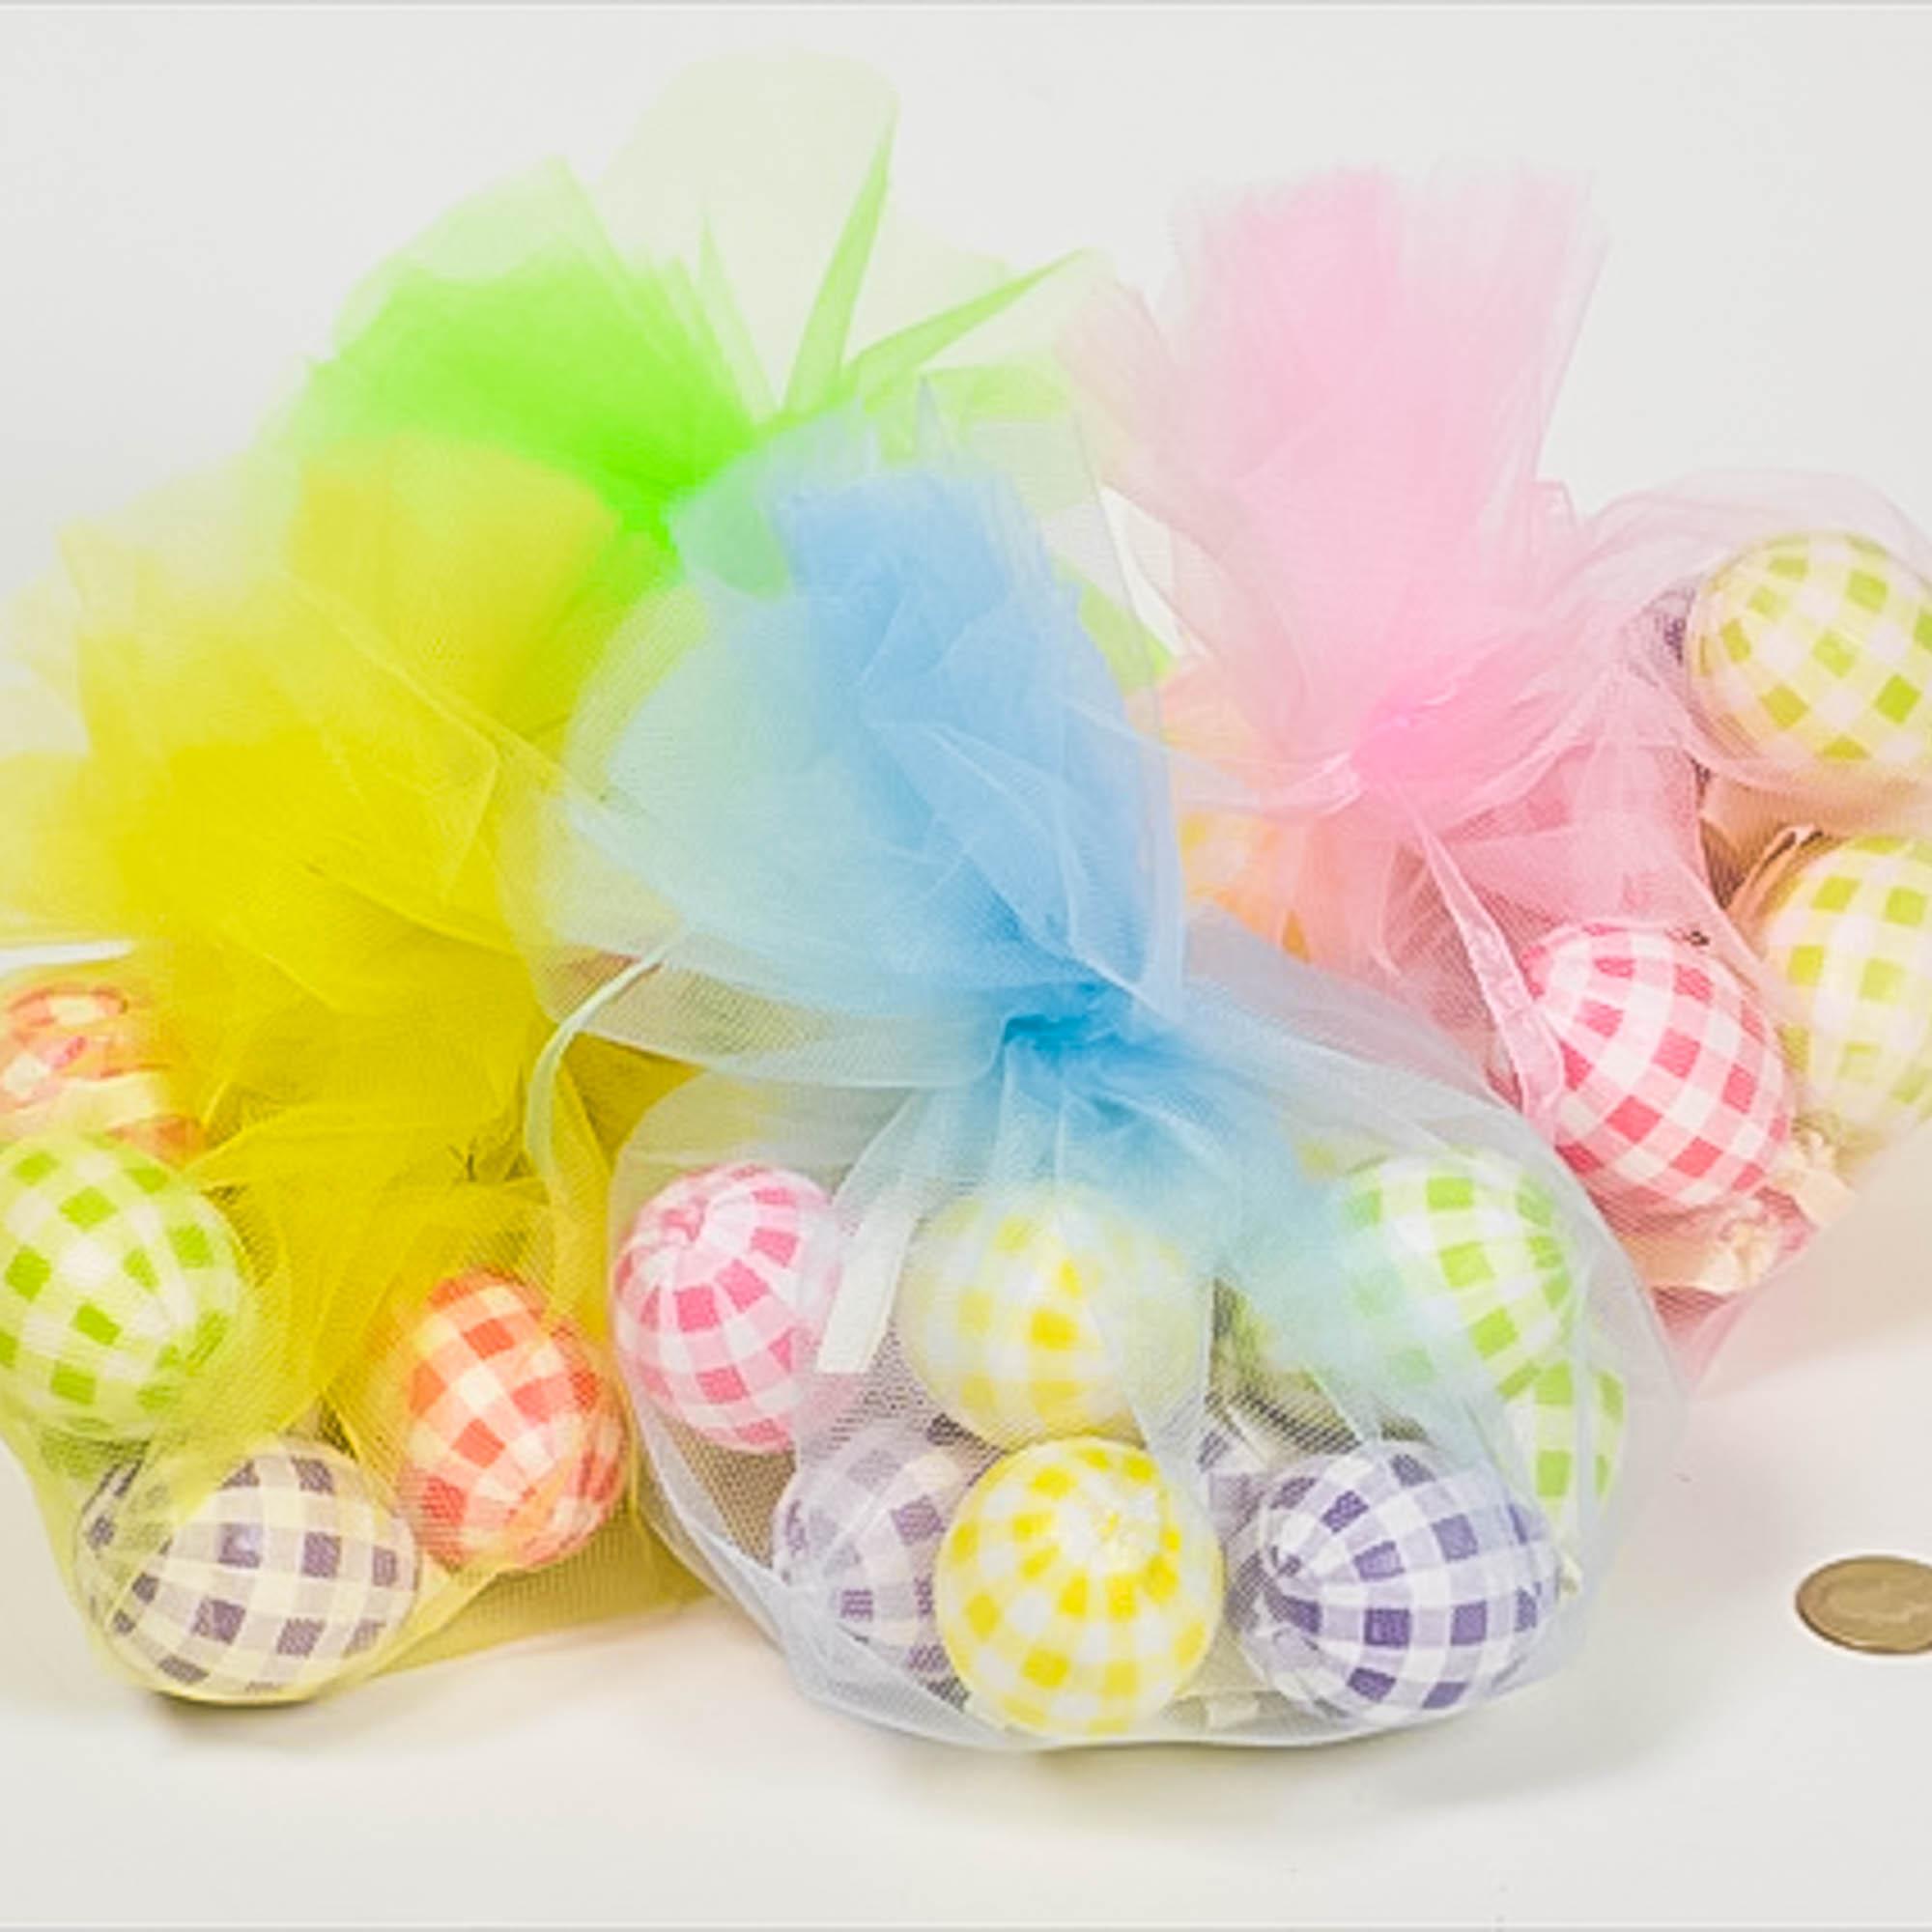 Nests & Eggs